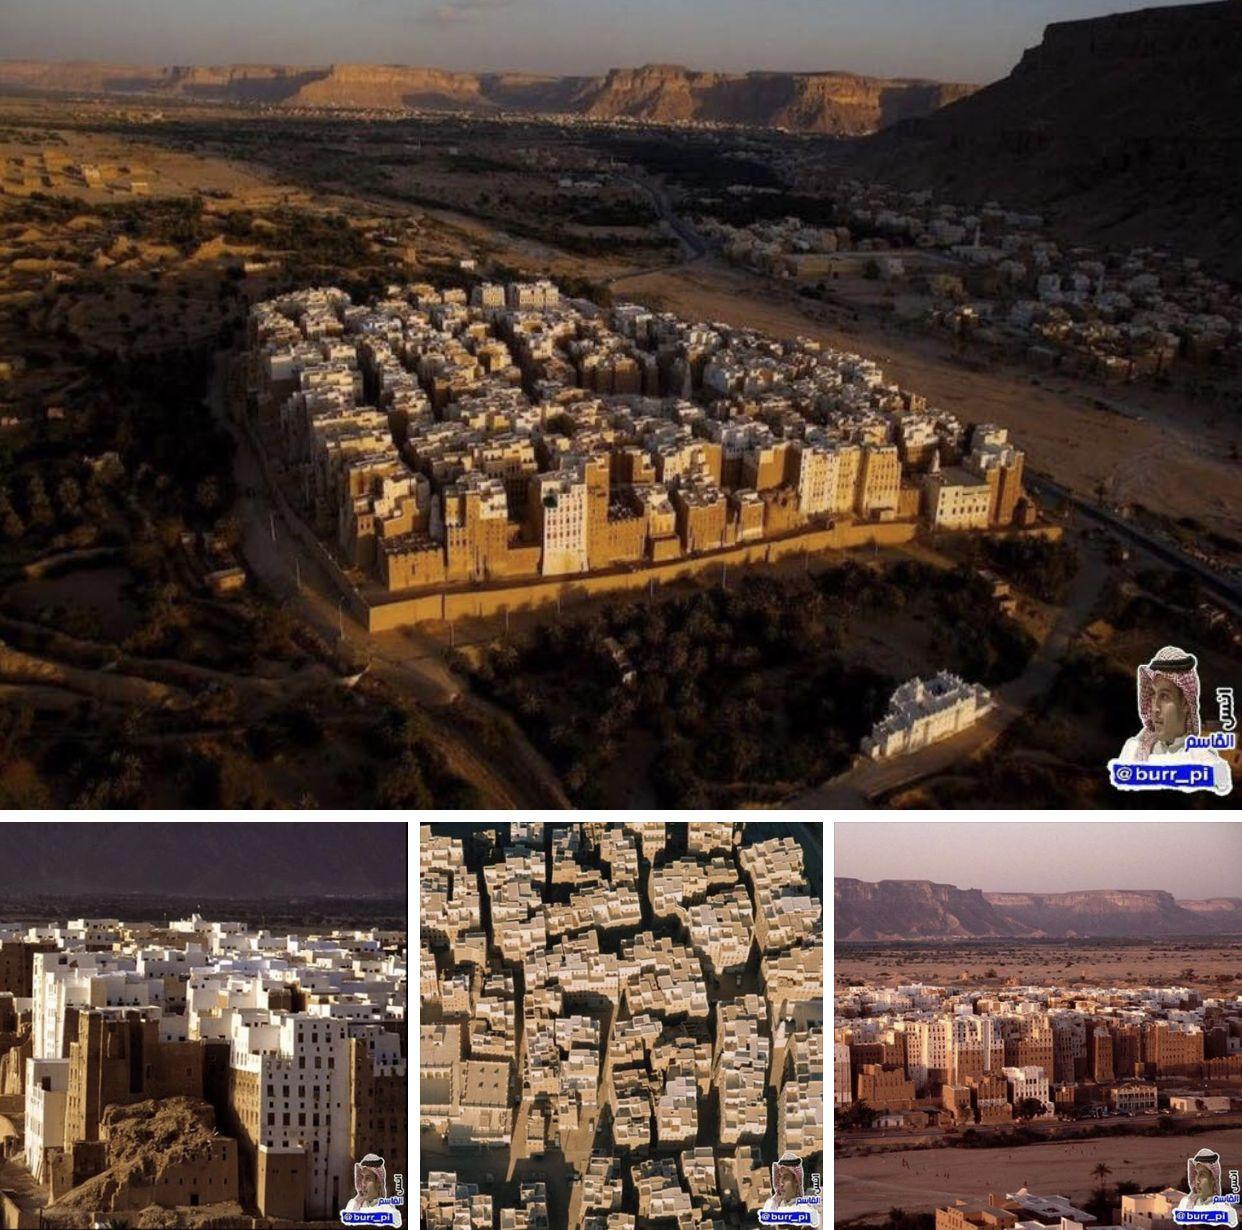 هذه هي مدينة شبام مانهاتن الصحراء تقع في محافظة حضرموت في شرق اليمن تشكل المدينة المسو رة التي بنيت من الطين في القرن السادس عشر أحد City Photo Aerial